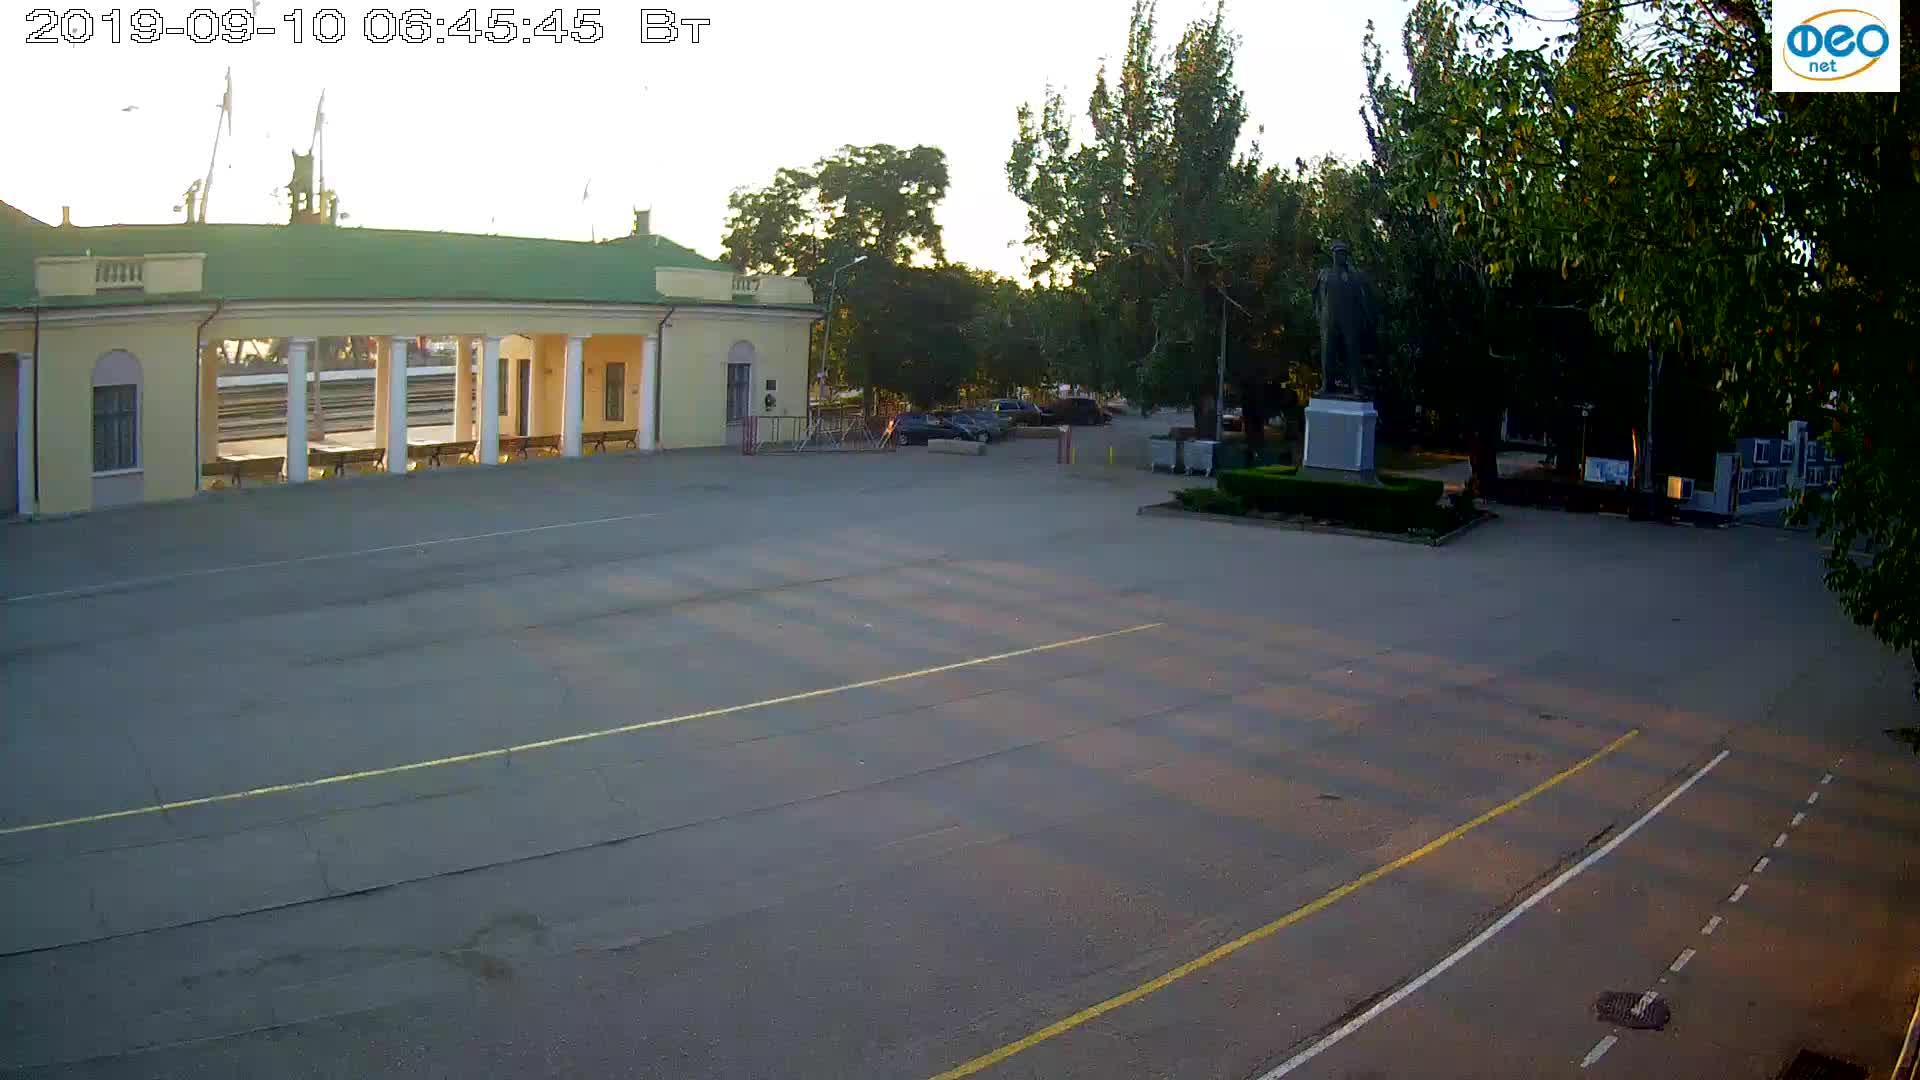 Веб-камеры Феодосии, Привокзальная площадь 2, 2019-09-10 06:33:09